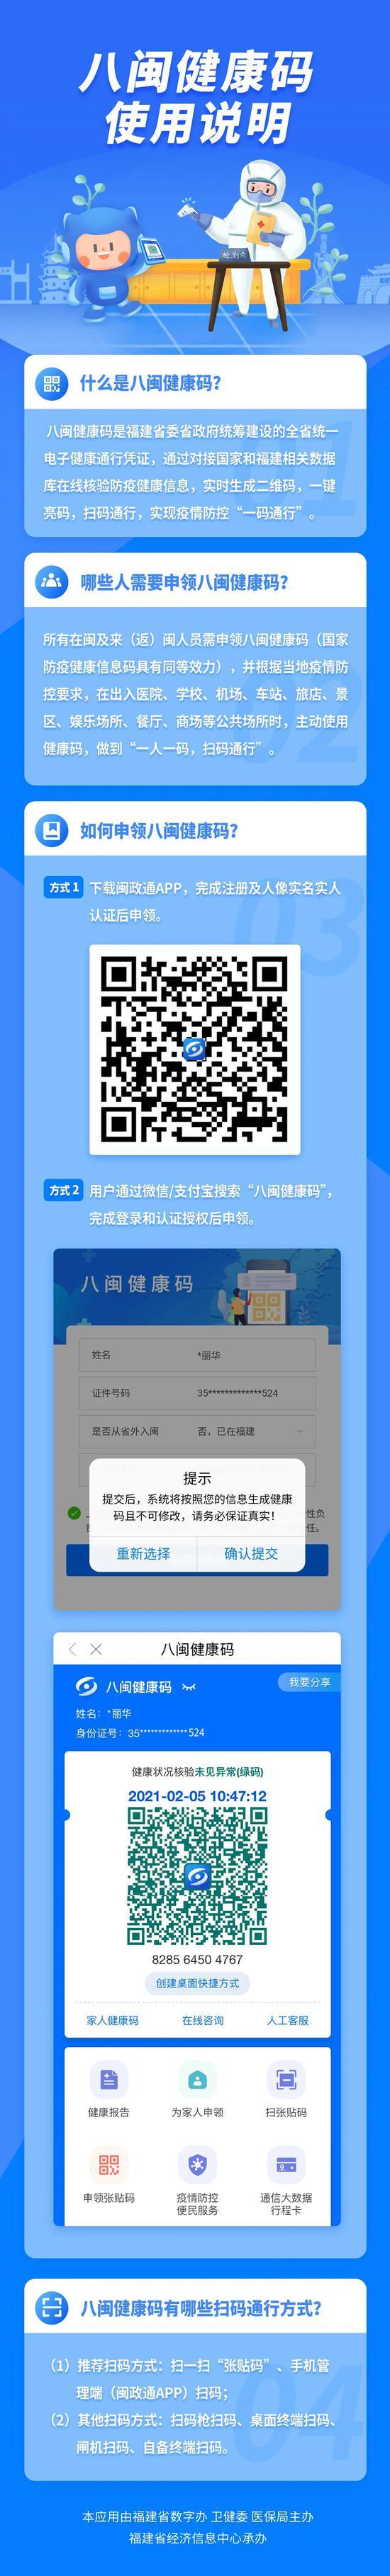 图片来源于福建省人民政府网站